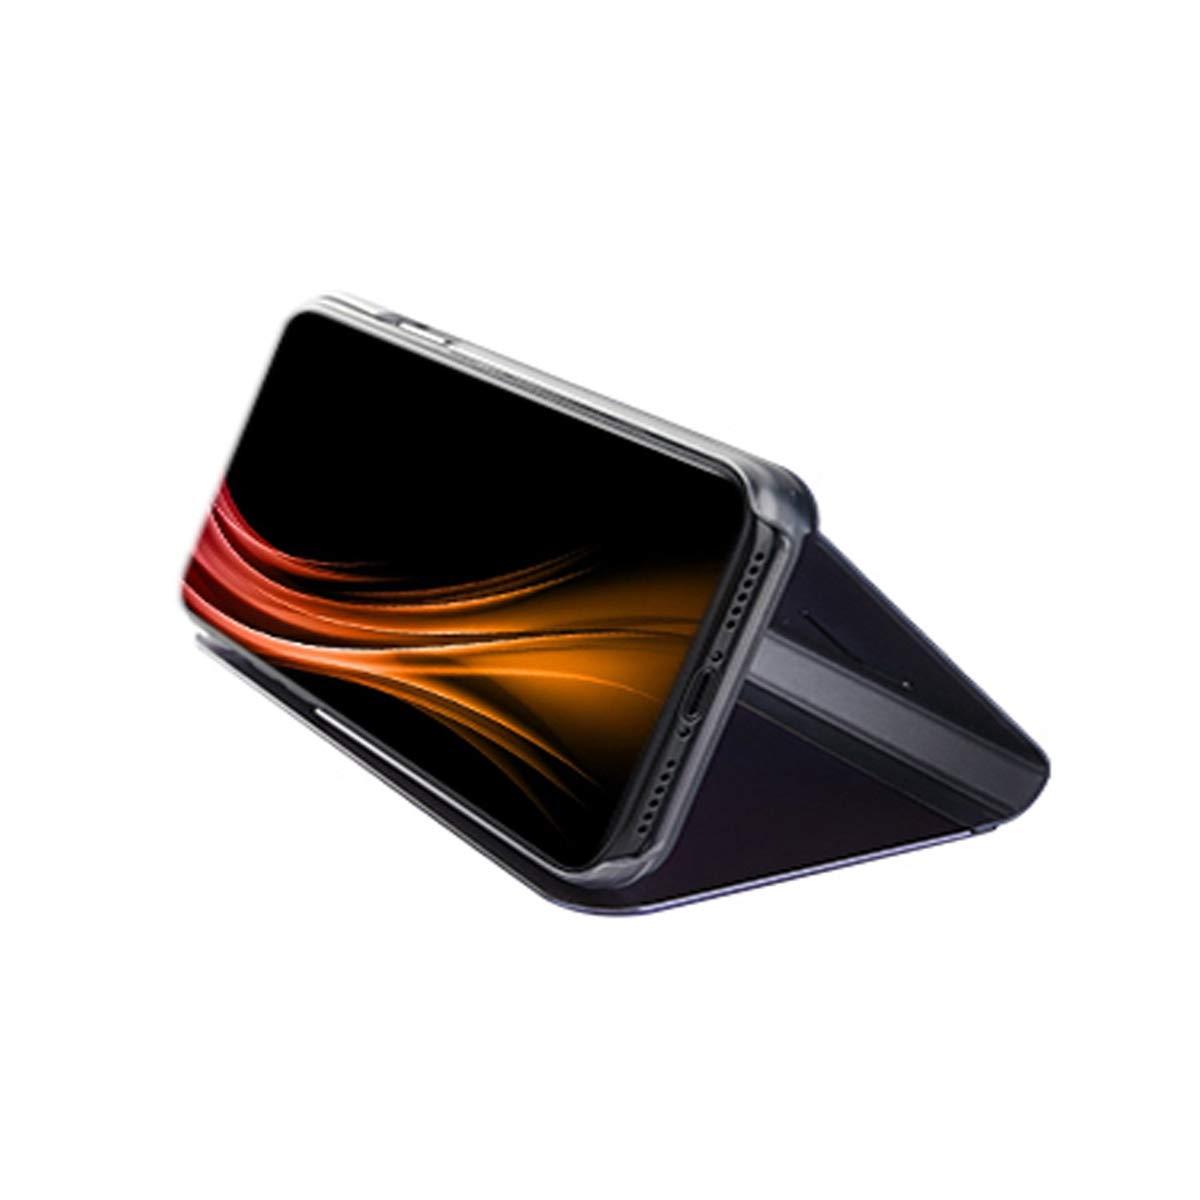 PC Mati/ère Backcover Transparent Clear View Design Fonction Stand Protector pour Huawei Mate 20 Luxe Placage Effet /Étui /à Rabat en PU Cuir Misstars Coque pour Huawei Mate 20 Miroir Noir